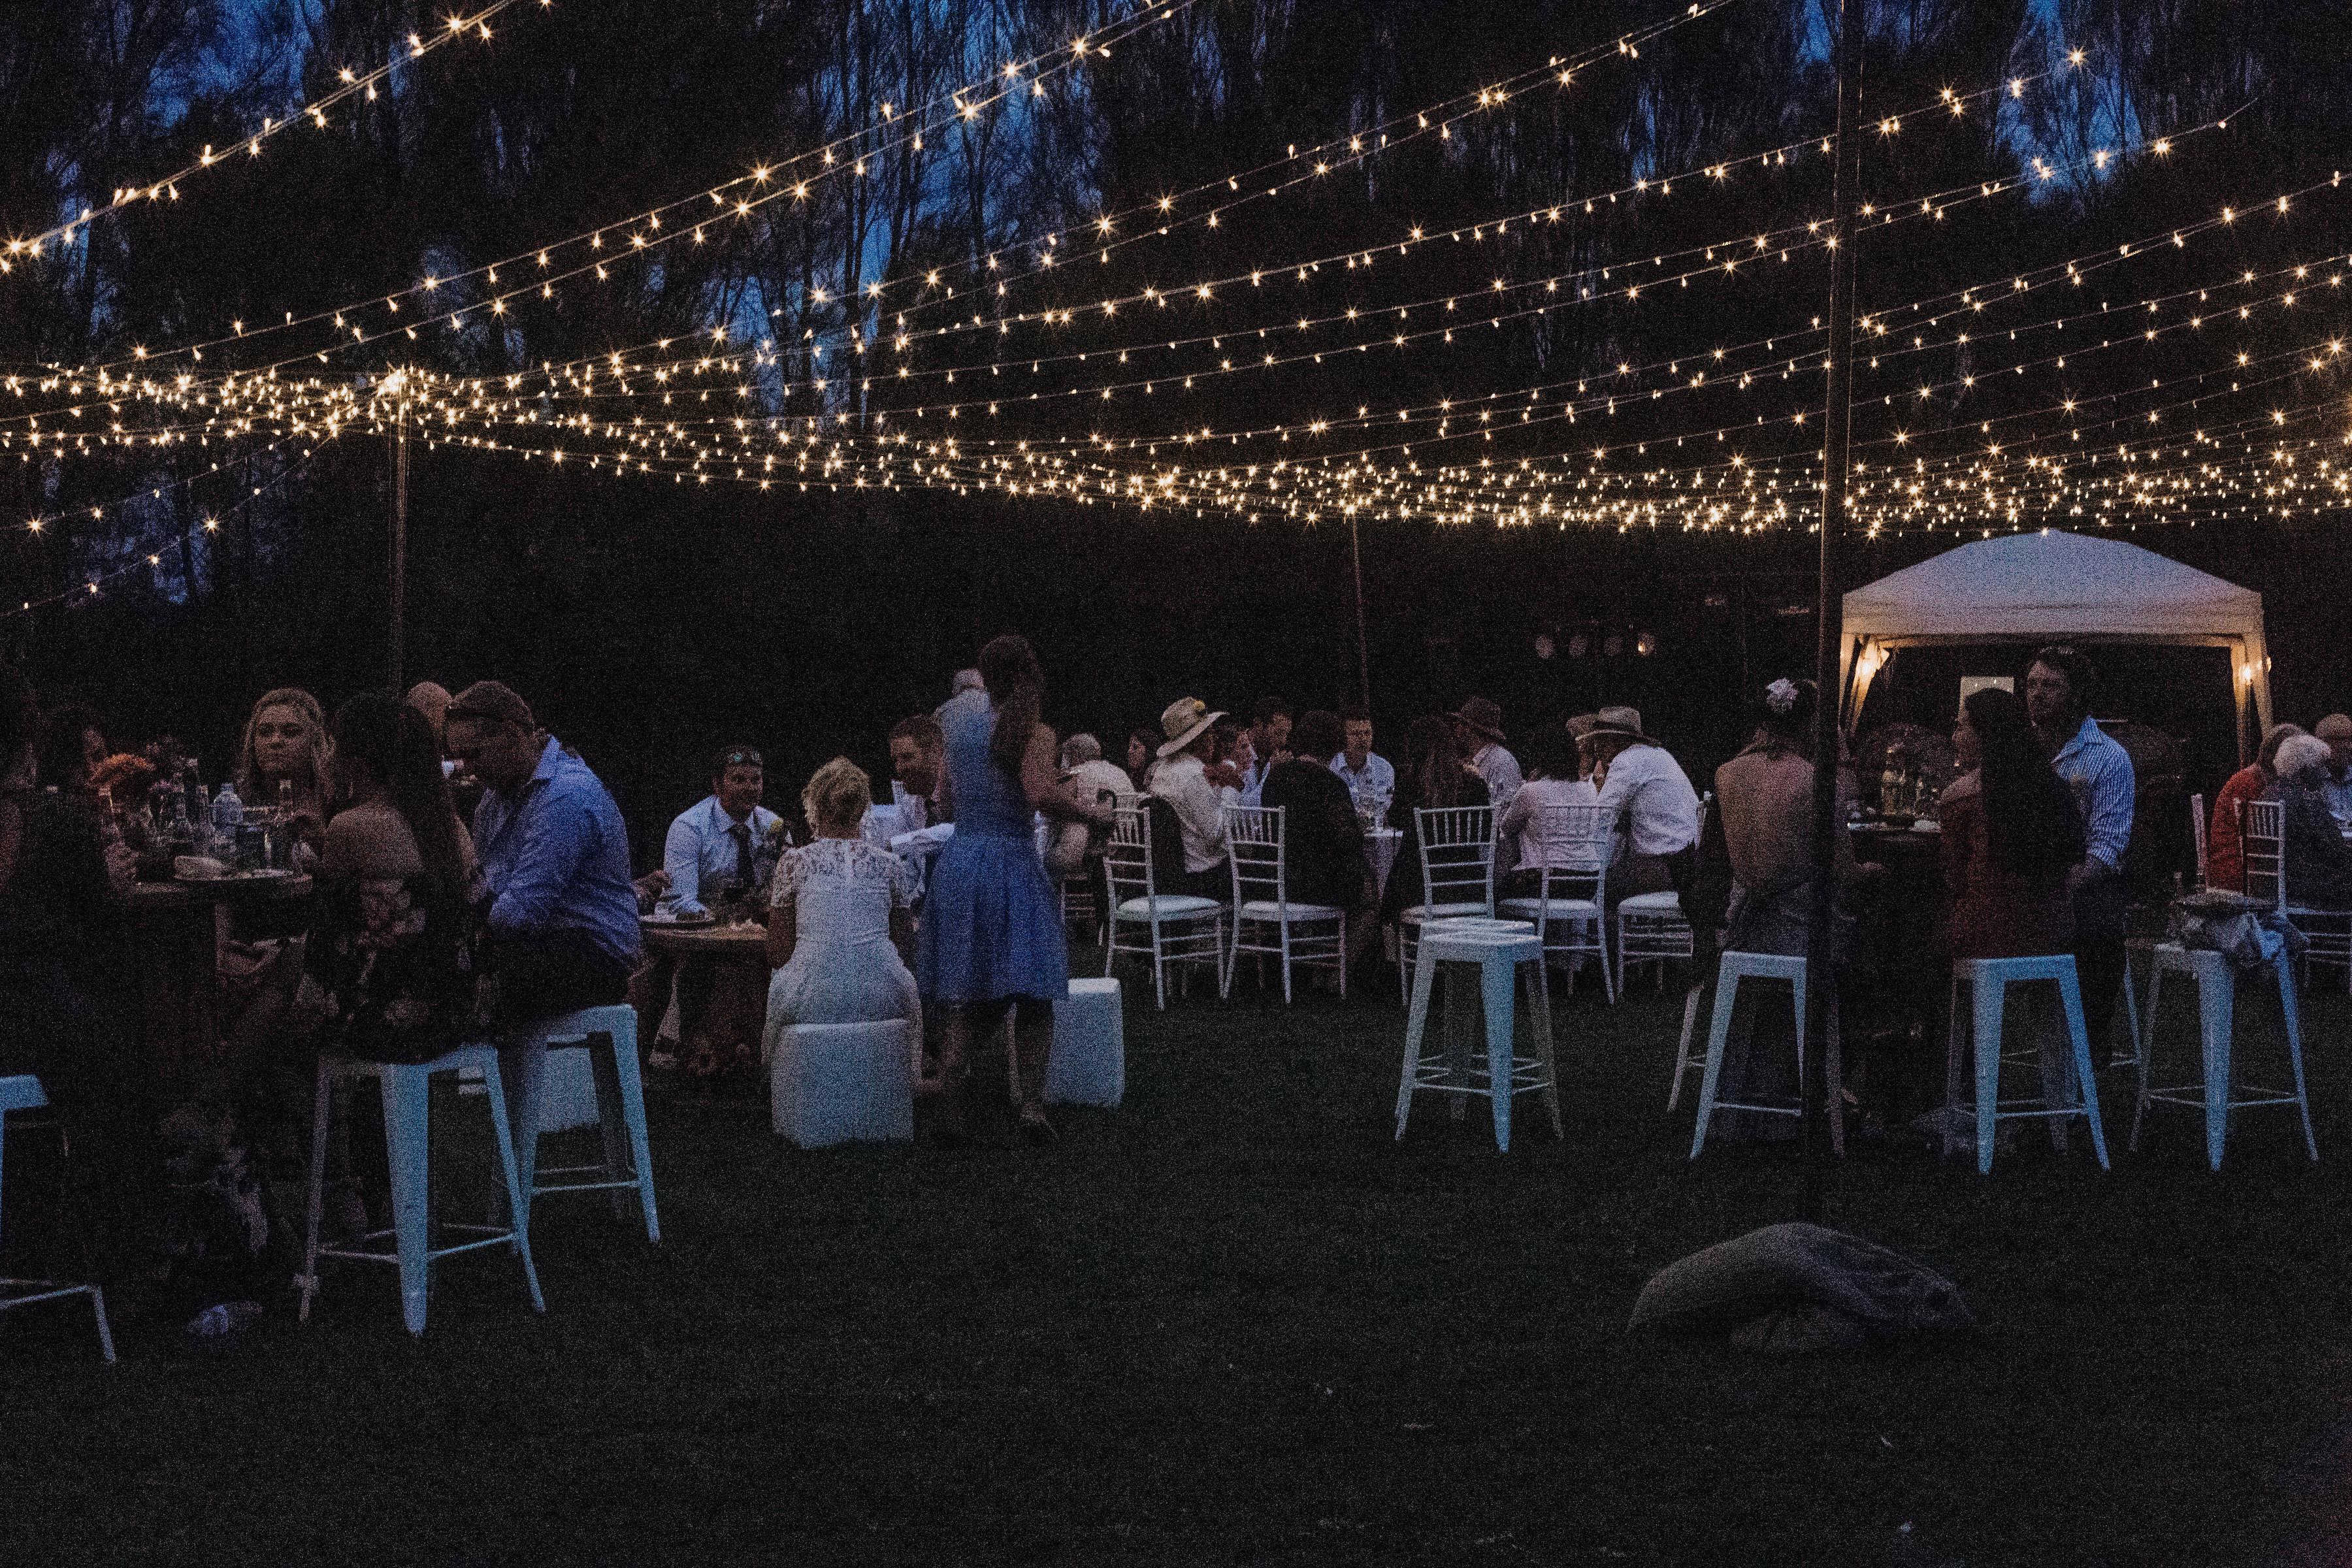 Under the stars wedding reception